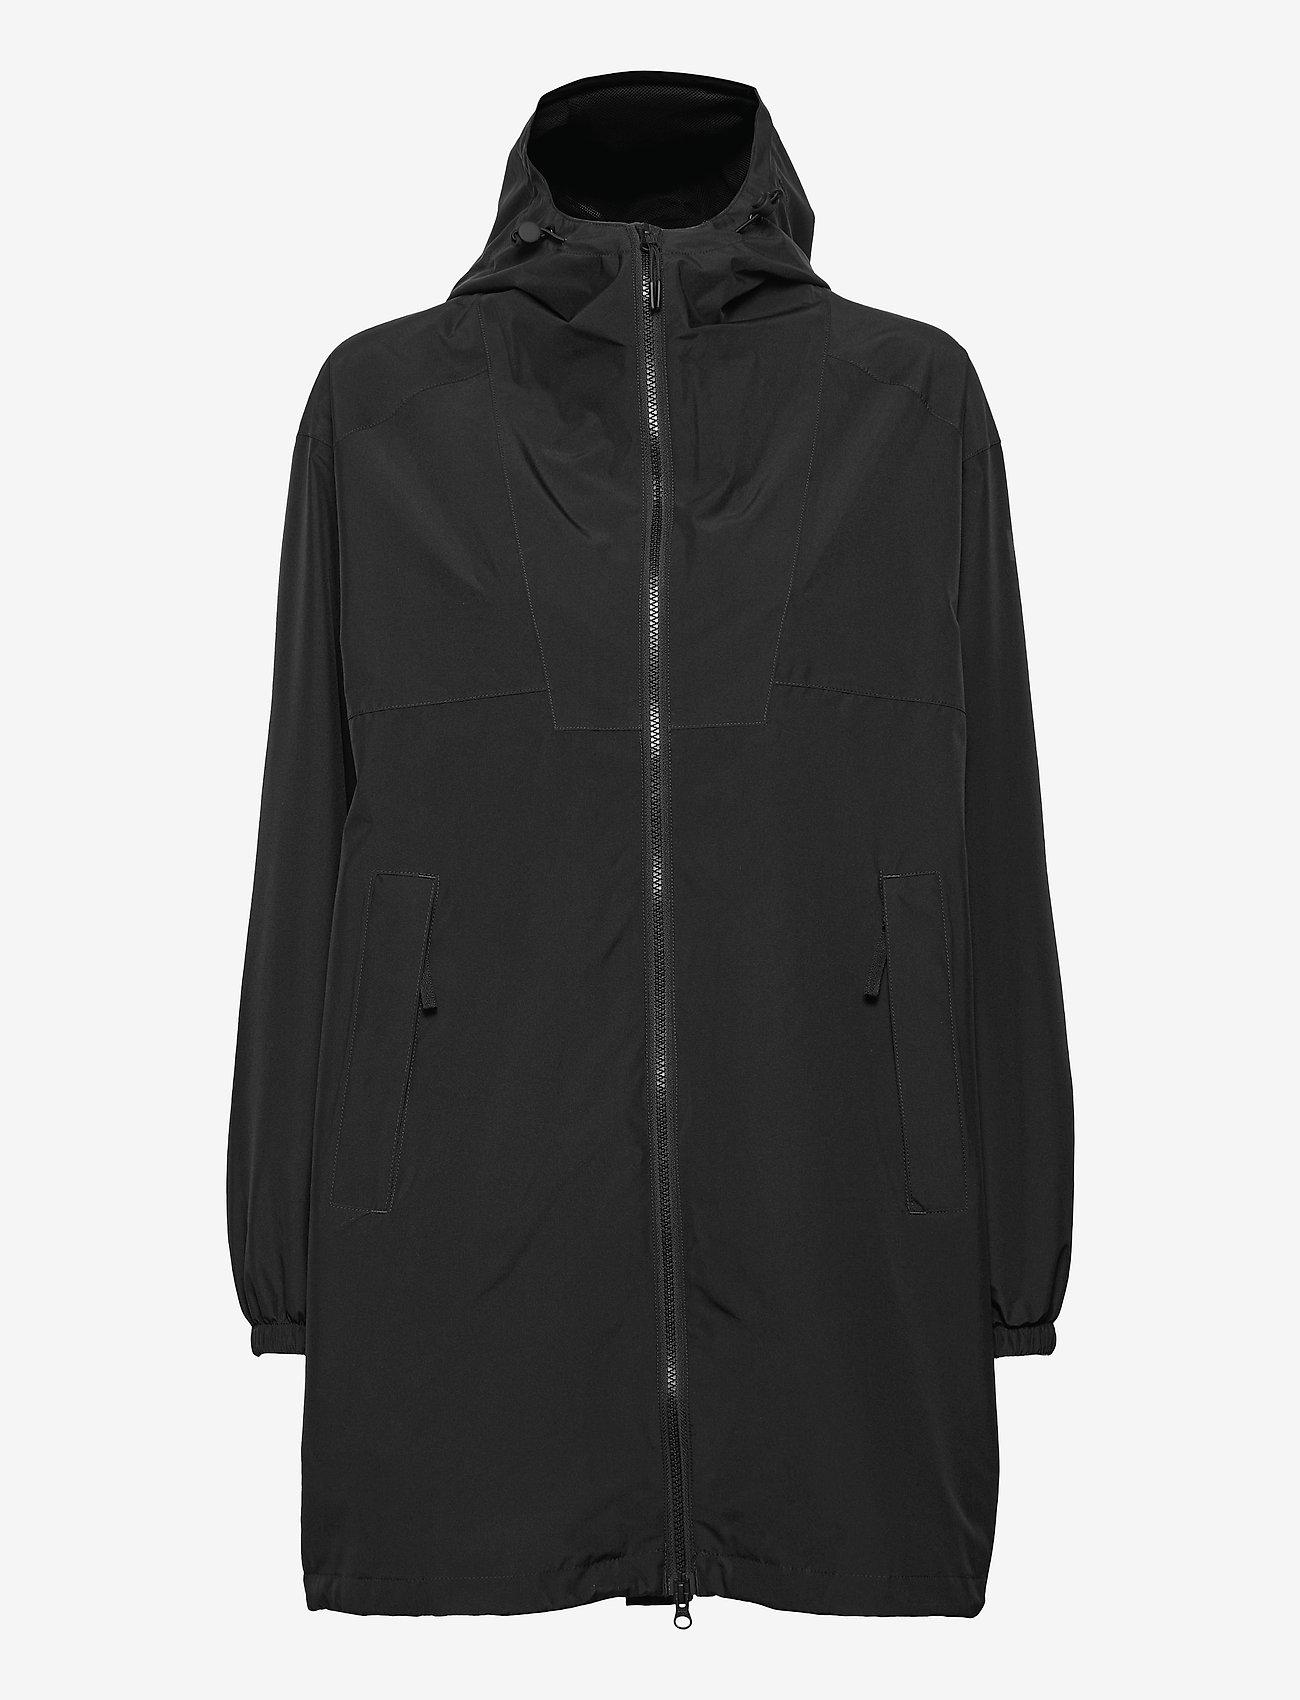 Helly Hansen - W ILLUSION RAIN COAT - manteaux de pluie - black - 1